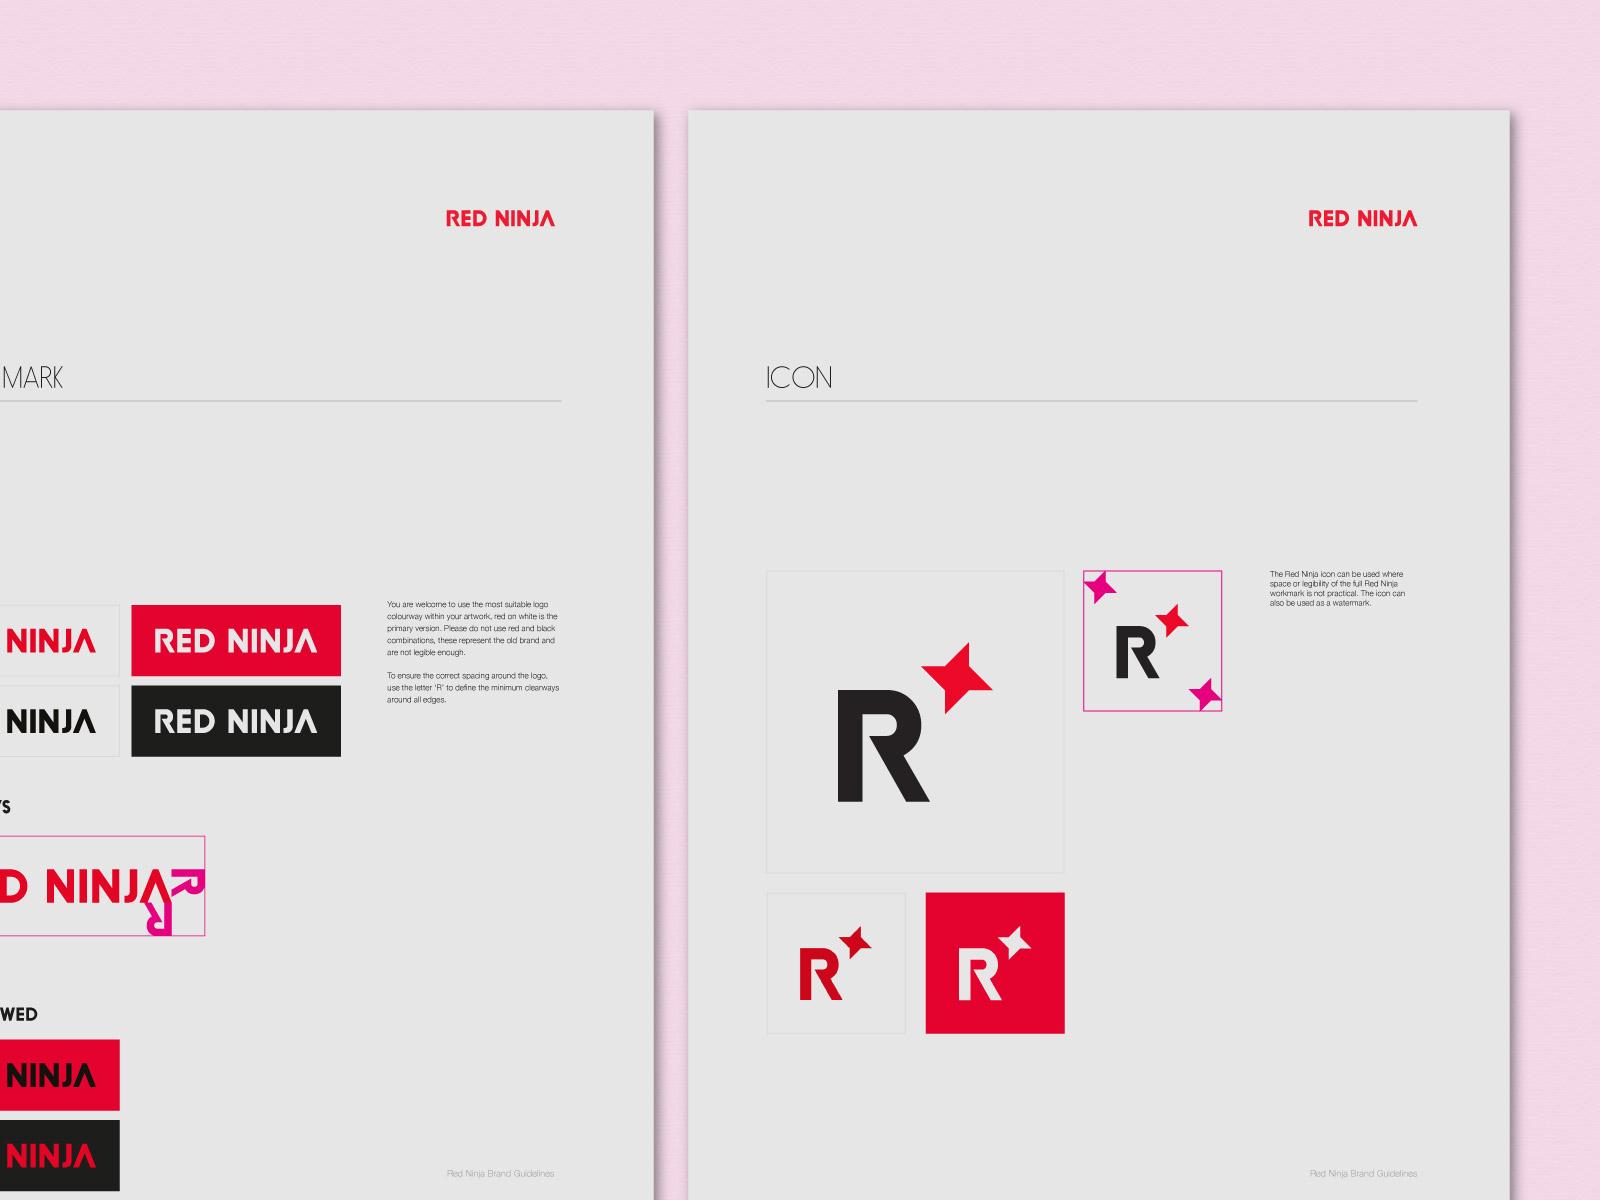 Red Ninja Brand Guidelines for logo